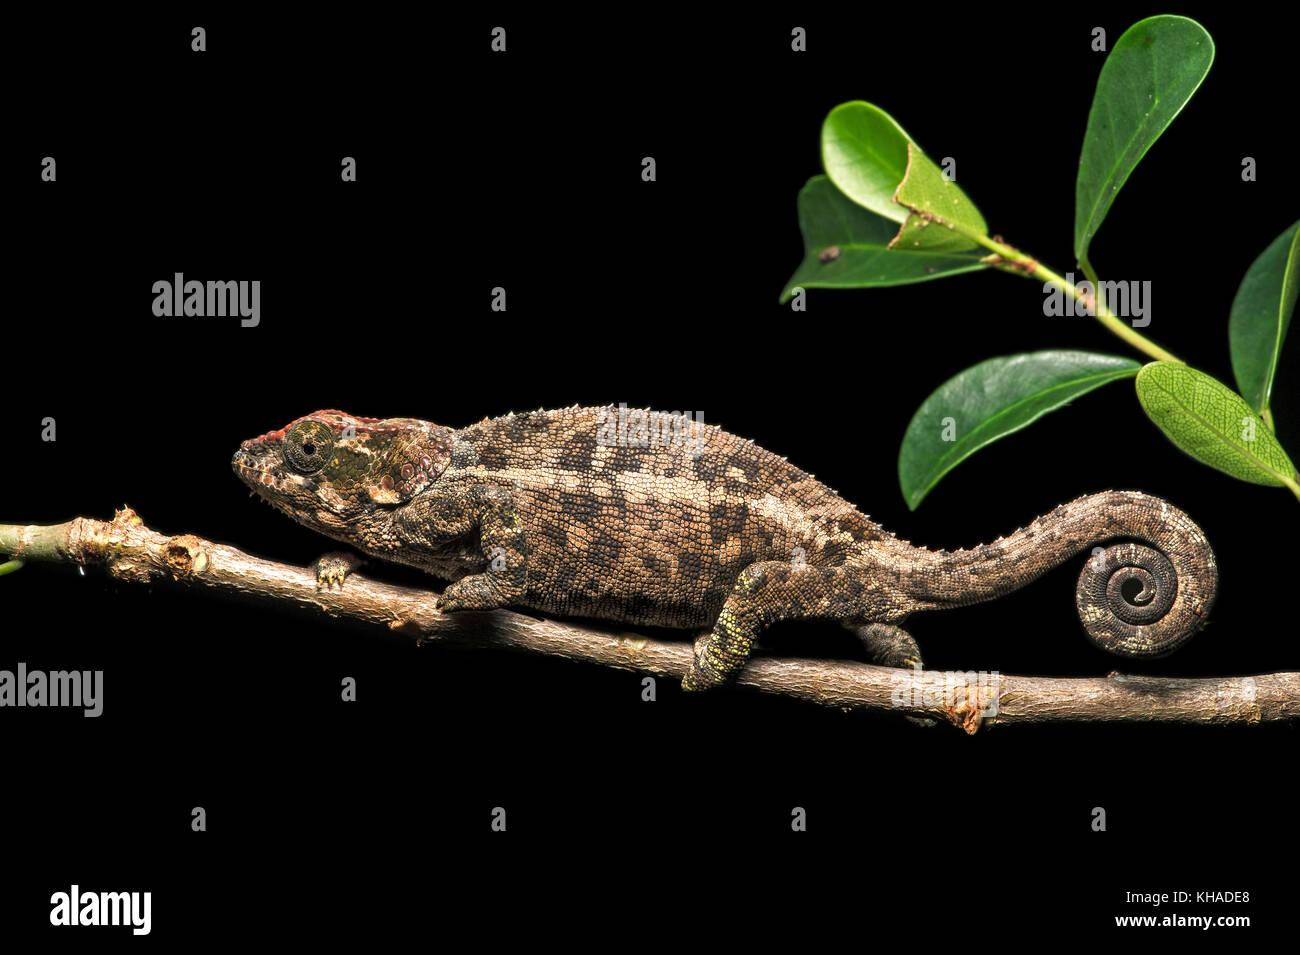 Short-horn chameleon (Calumma crypticum), endemic, Anjozorobe National Park, Madagascar - Stock Image